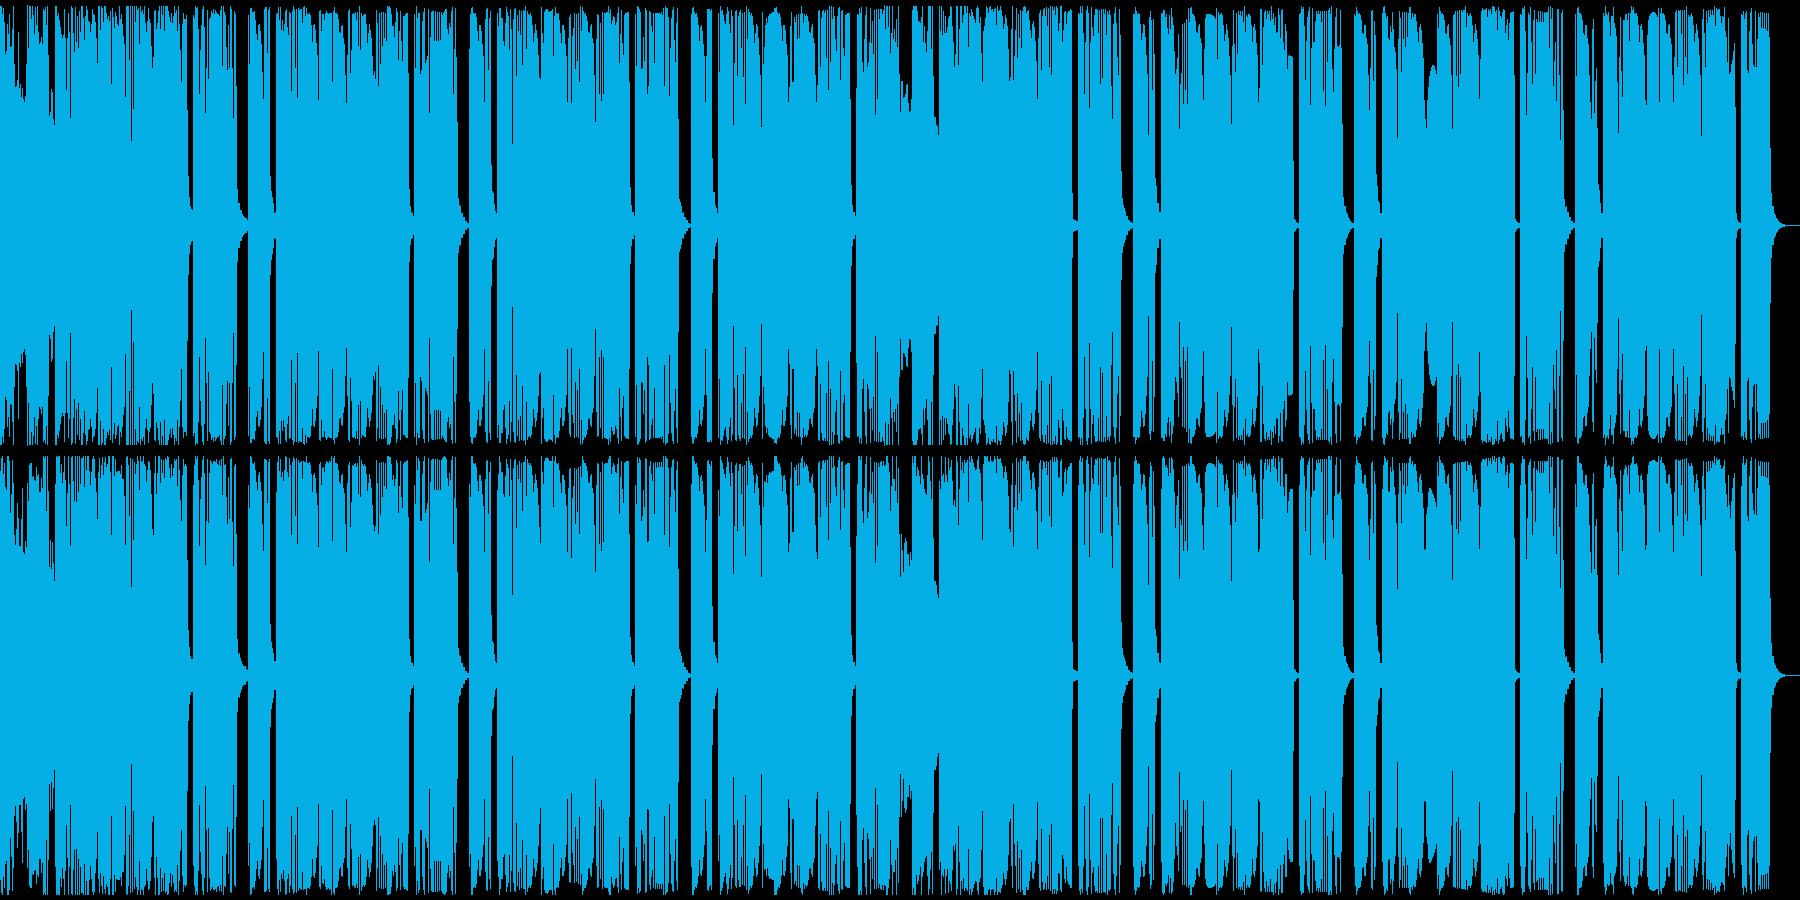 【アンビエント】ロング2、ジングル1の再生済みの波形